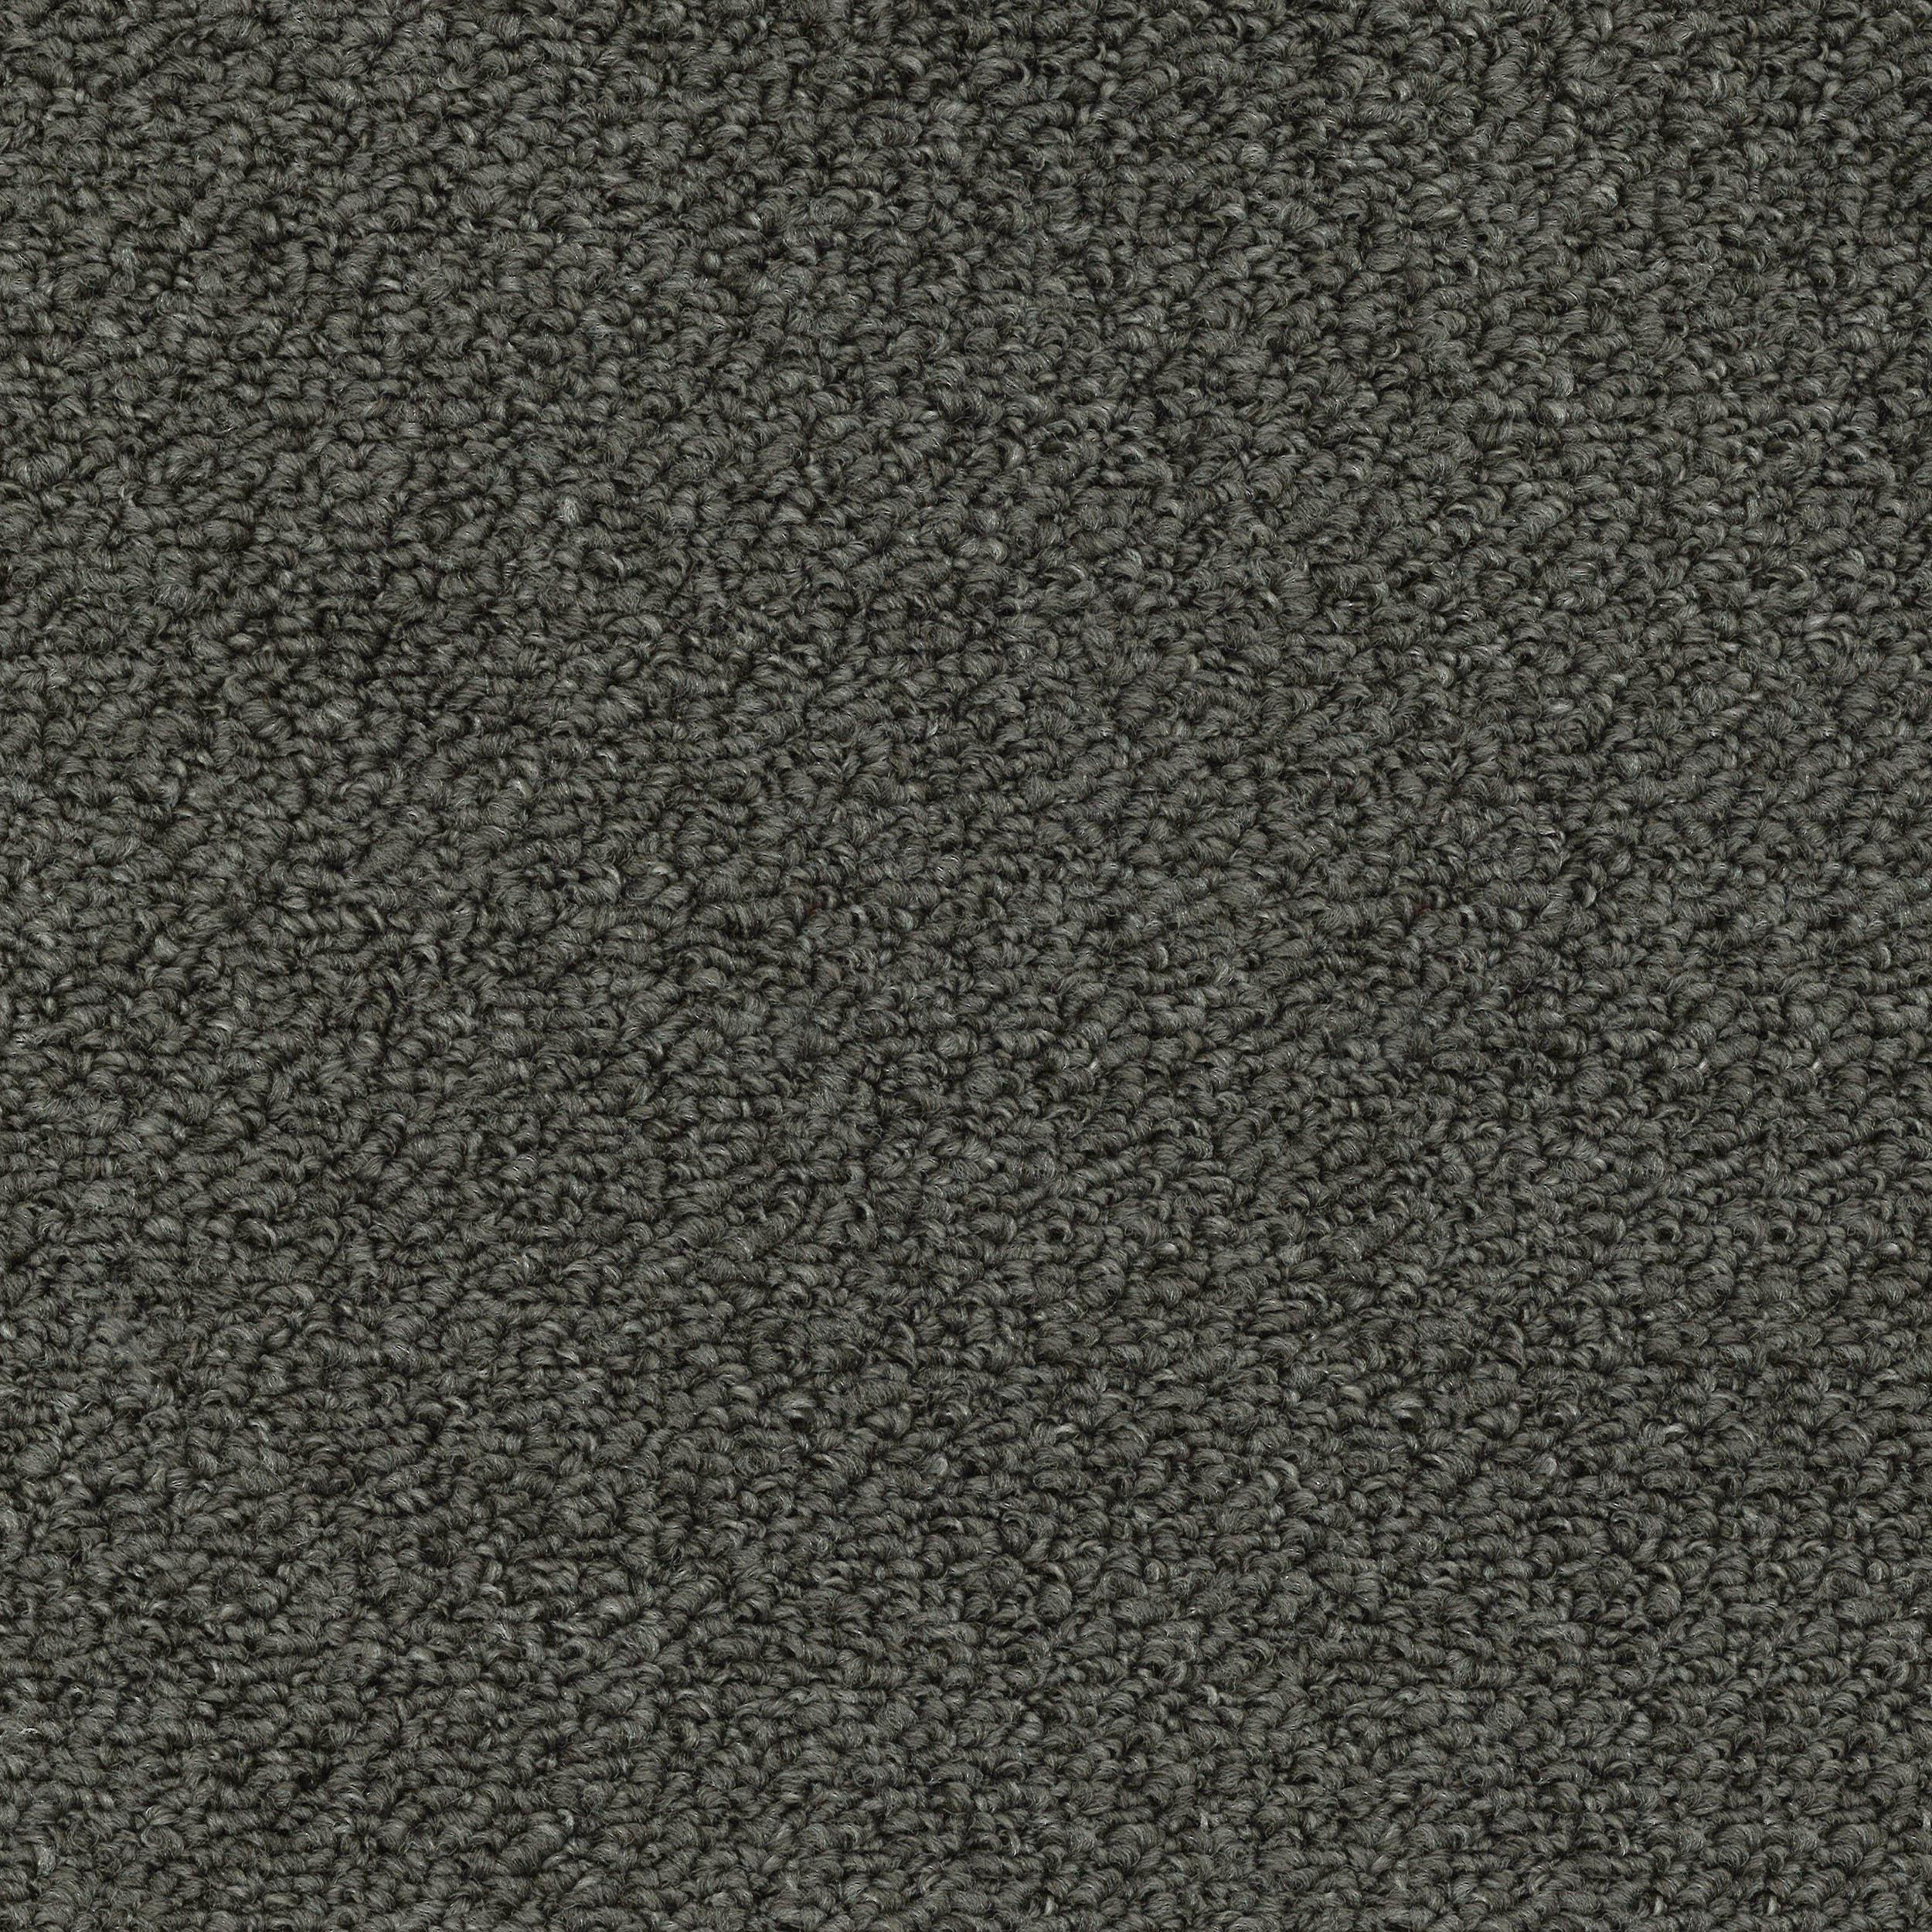 Catalina Bay Trevors Carpets